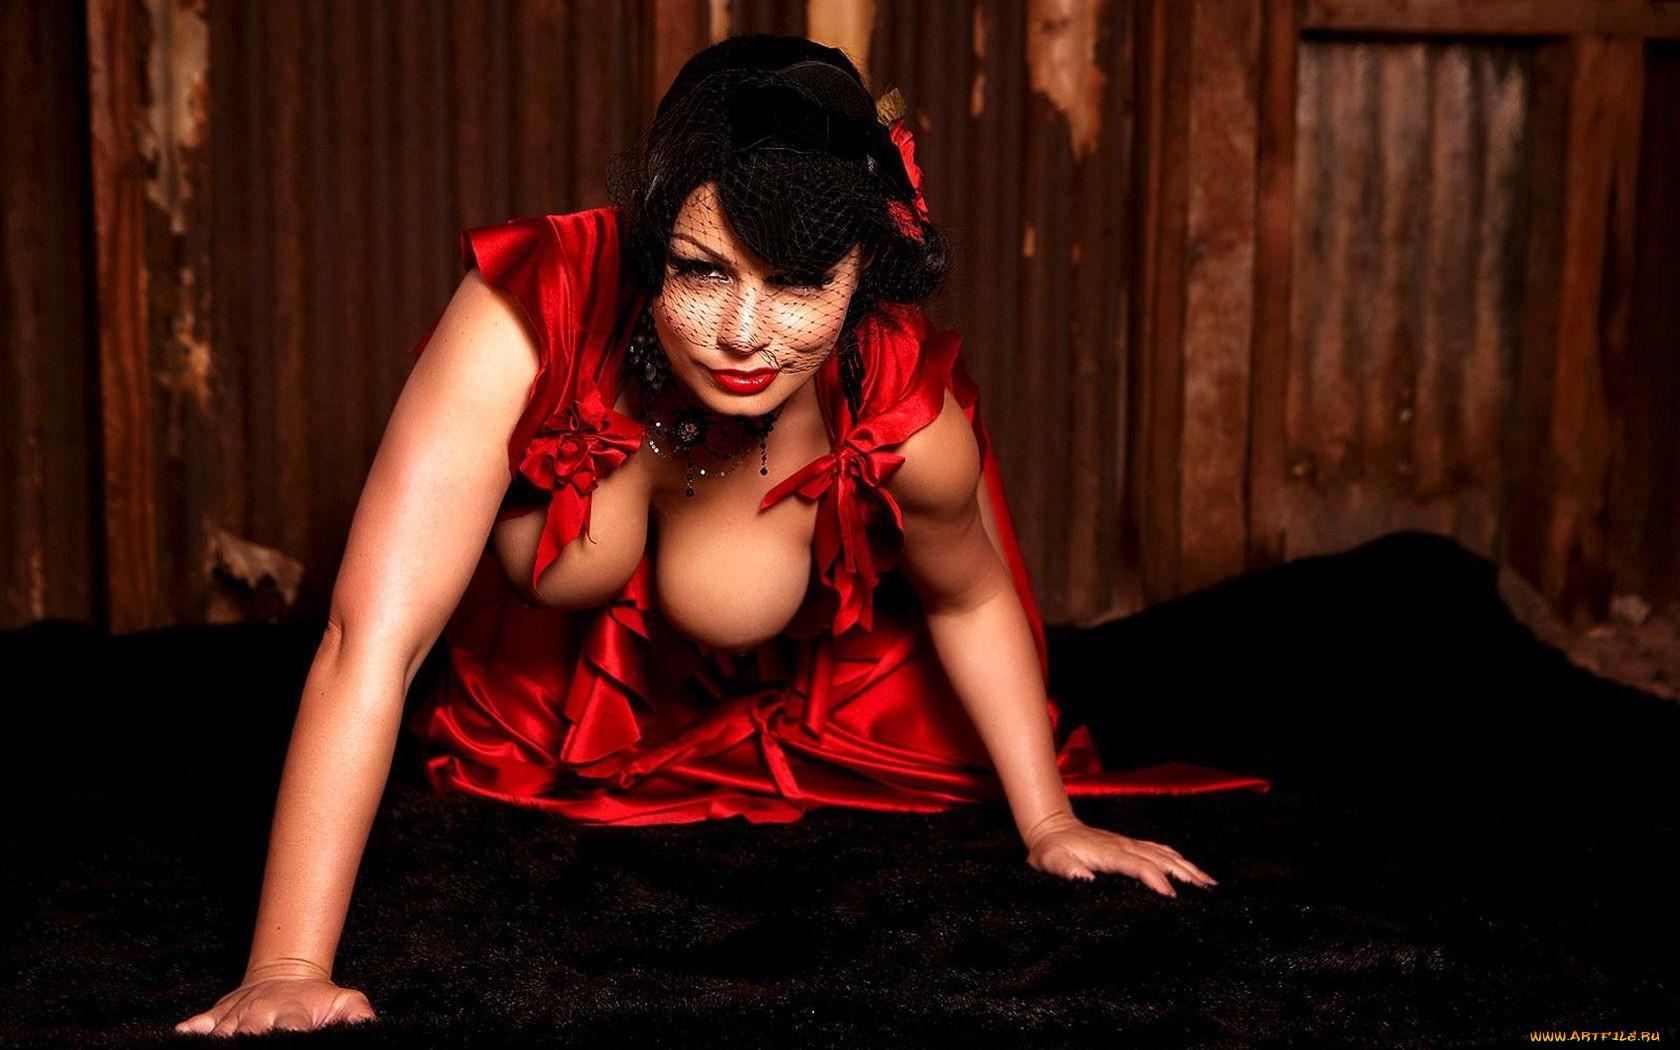 Трахнул сисястую в красном платье фото 425-107